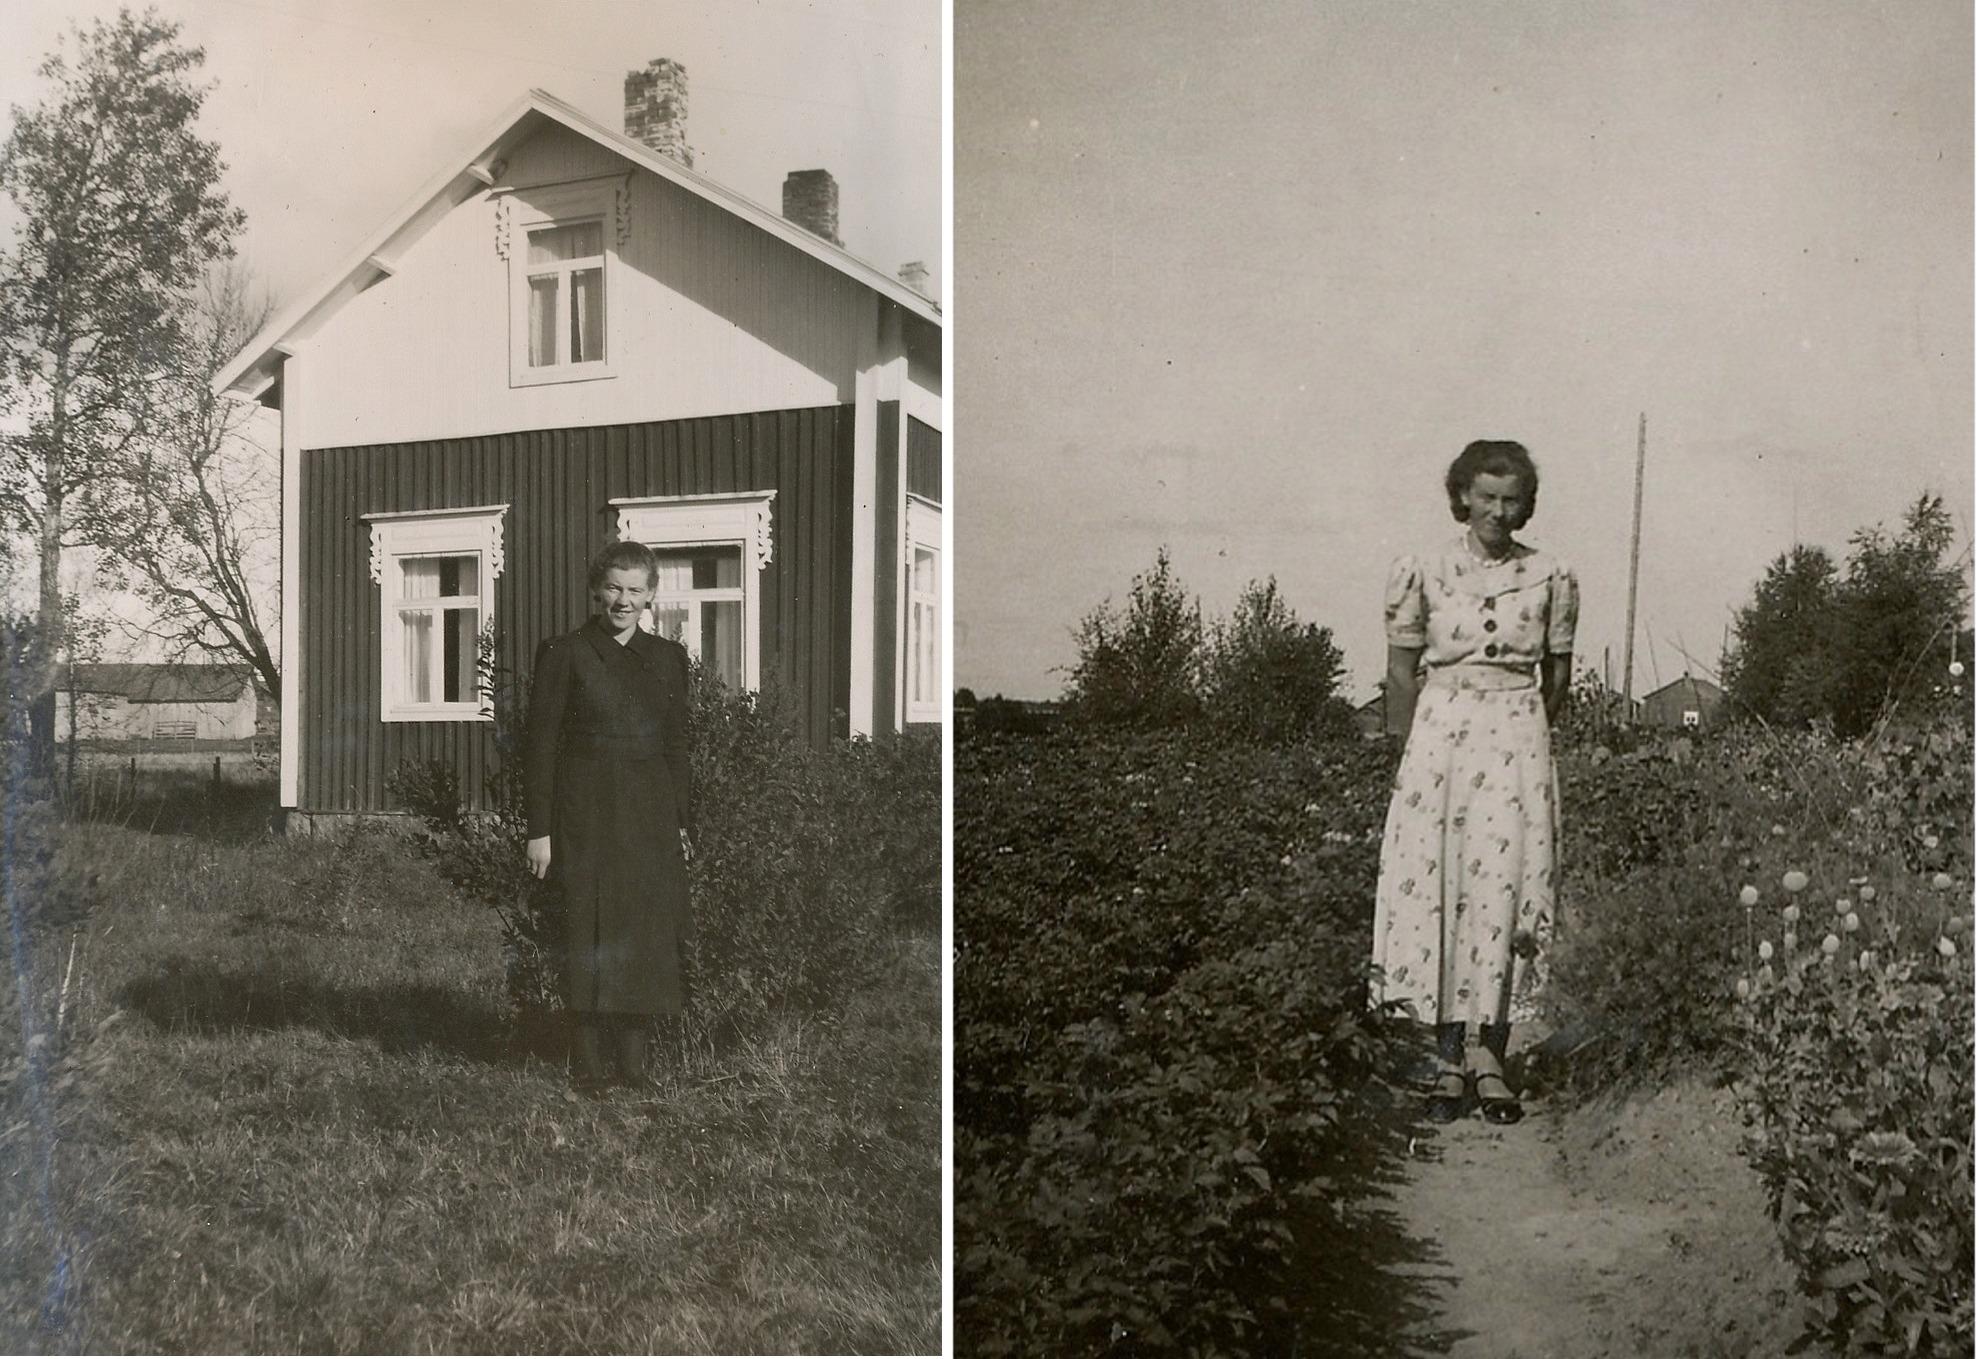 Här dottern Ragni Eklund på 2 bilder, till vänster står hon framför Eklunds gamla gård.